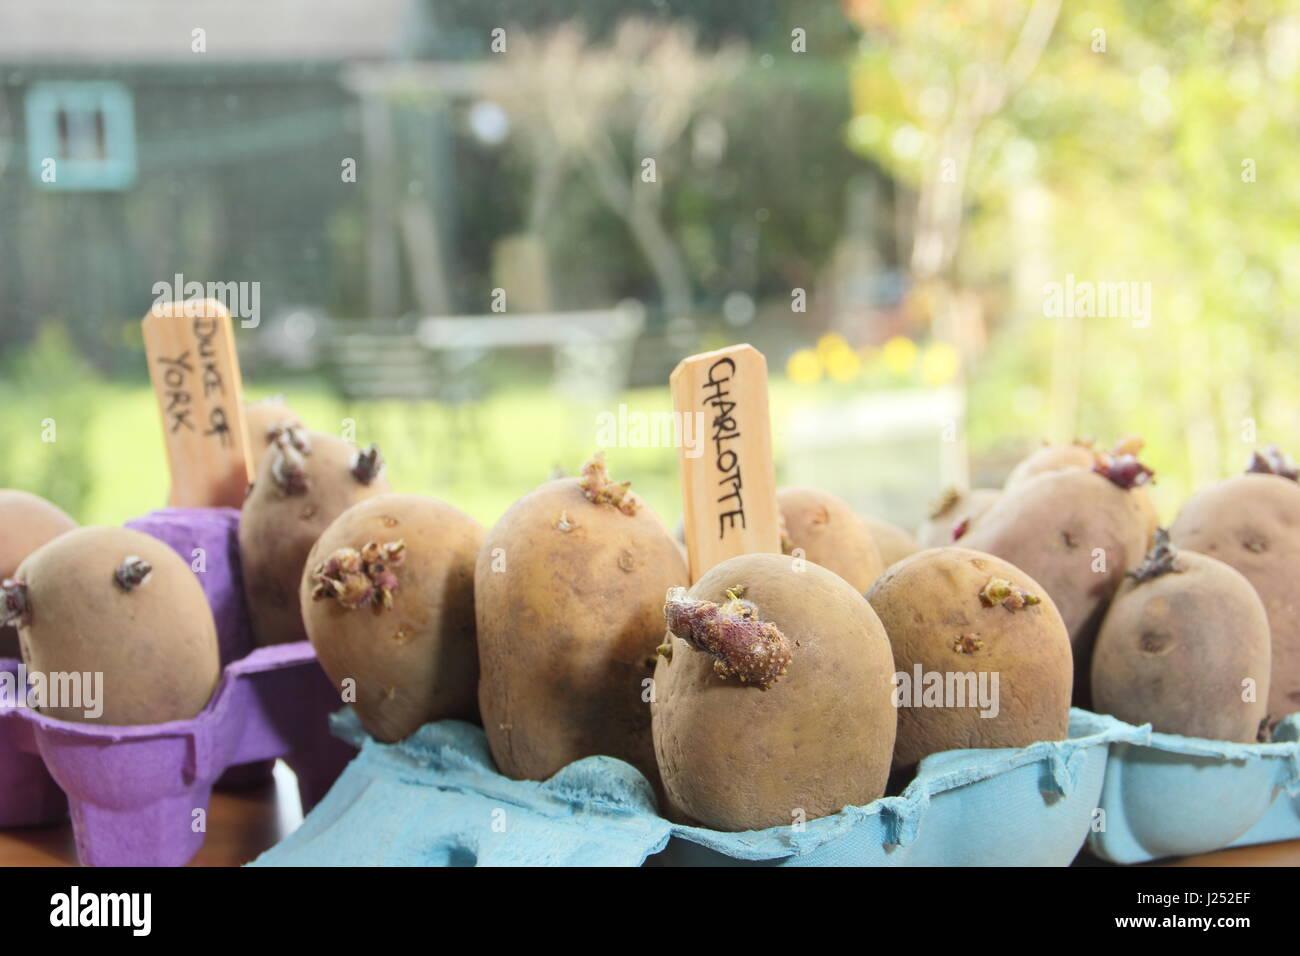 Las patatas de siembra Chitting en cajas de huevo en el alféizar de la ventana soleada para promover fuertes Imagen De Stock